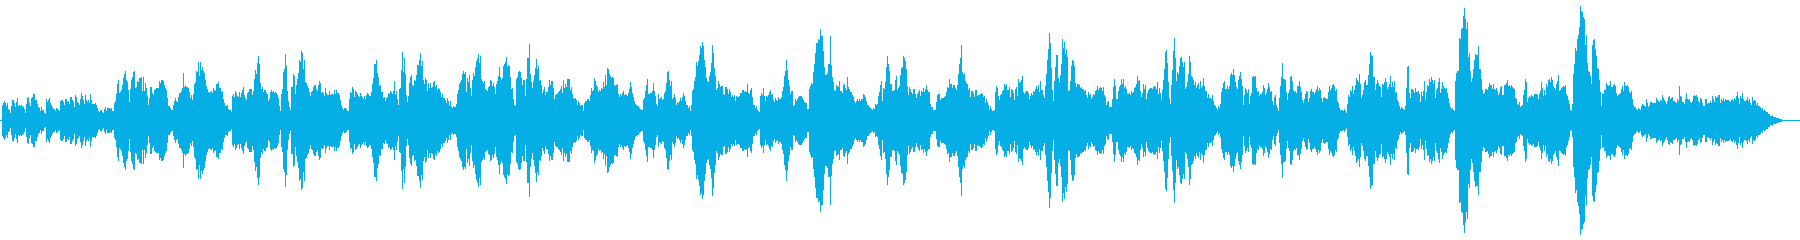 イタリアのクリスマスソング の再生済みの波形